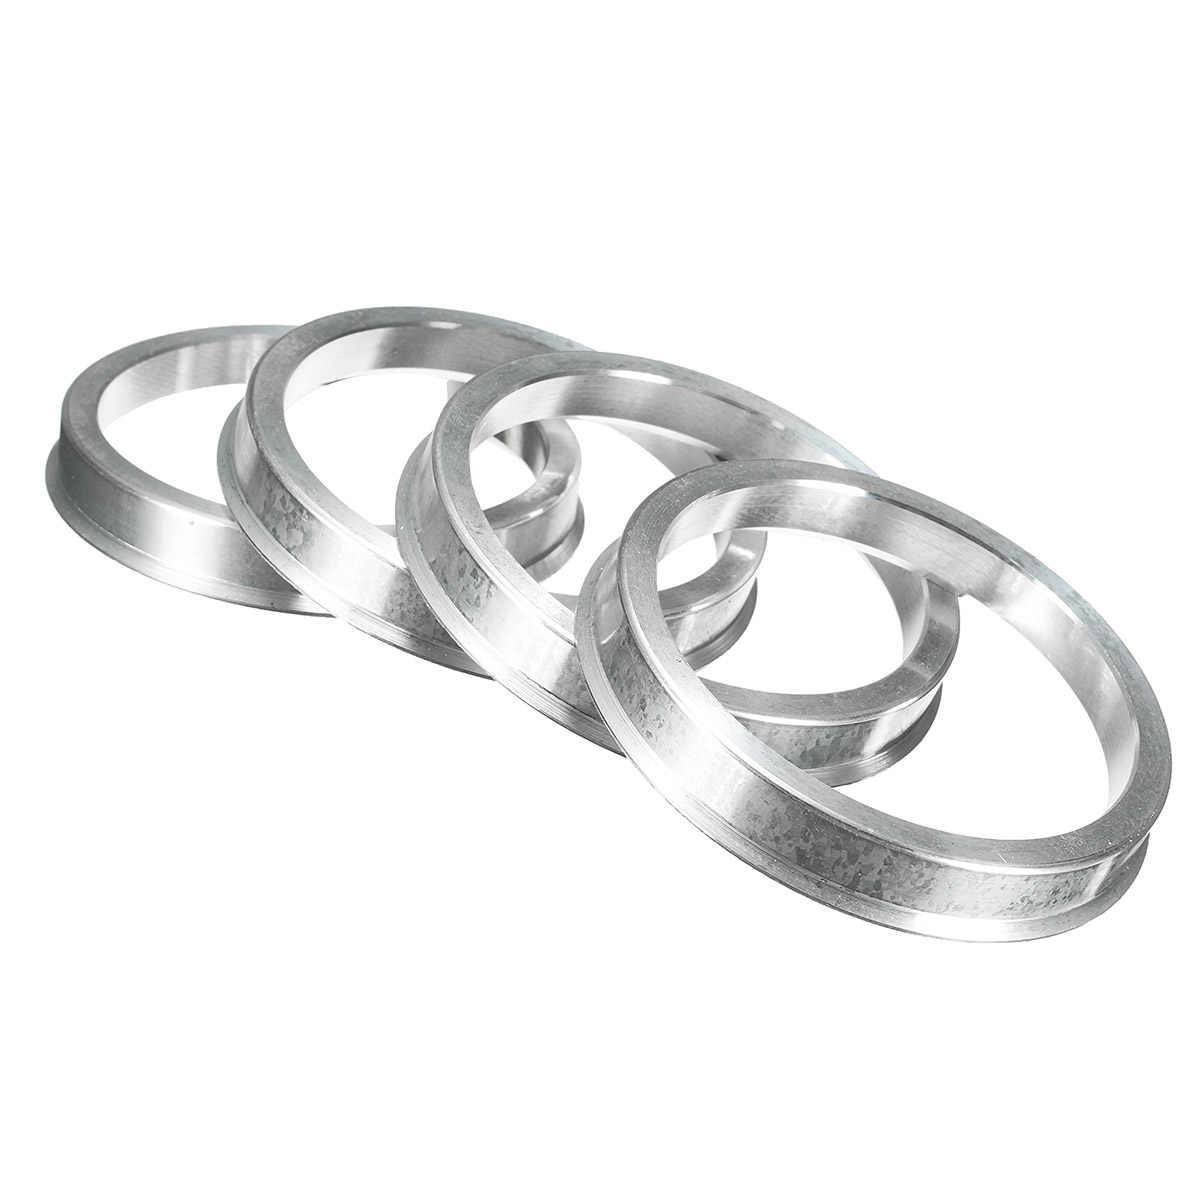 70.1-57.1 Spigot Rings Set of 4 Spigot Ring for VW AUDI SEAT SKODA